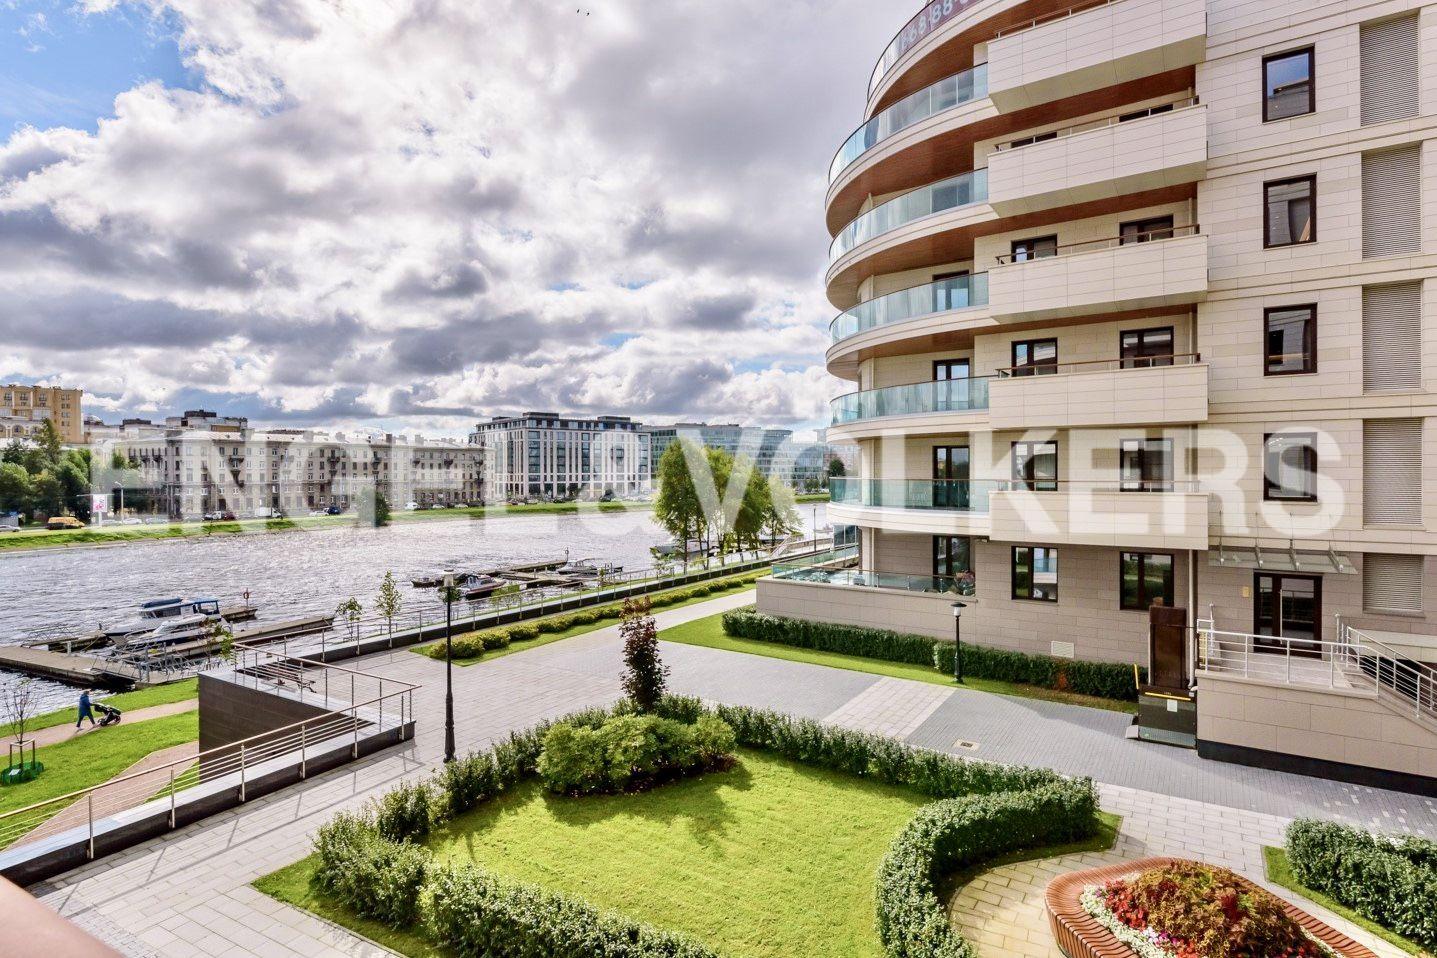 Элитные квартиры на . Санкт-Петербург, ул. Вязовая, 8. Территория комплекса